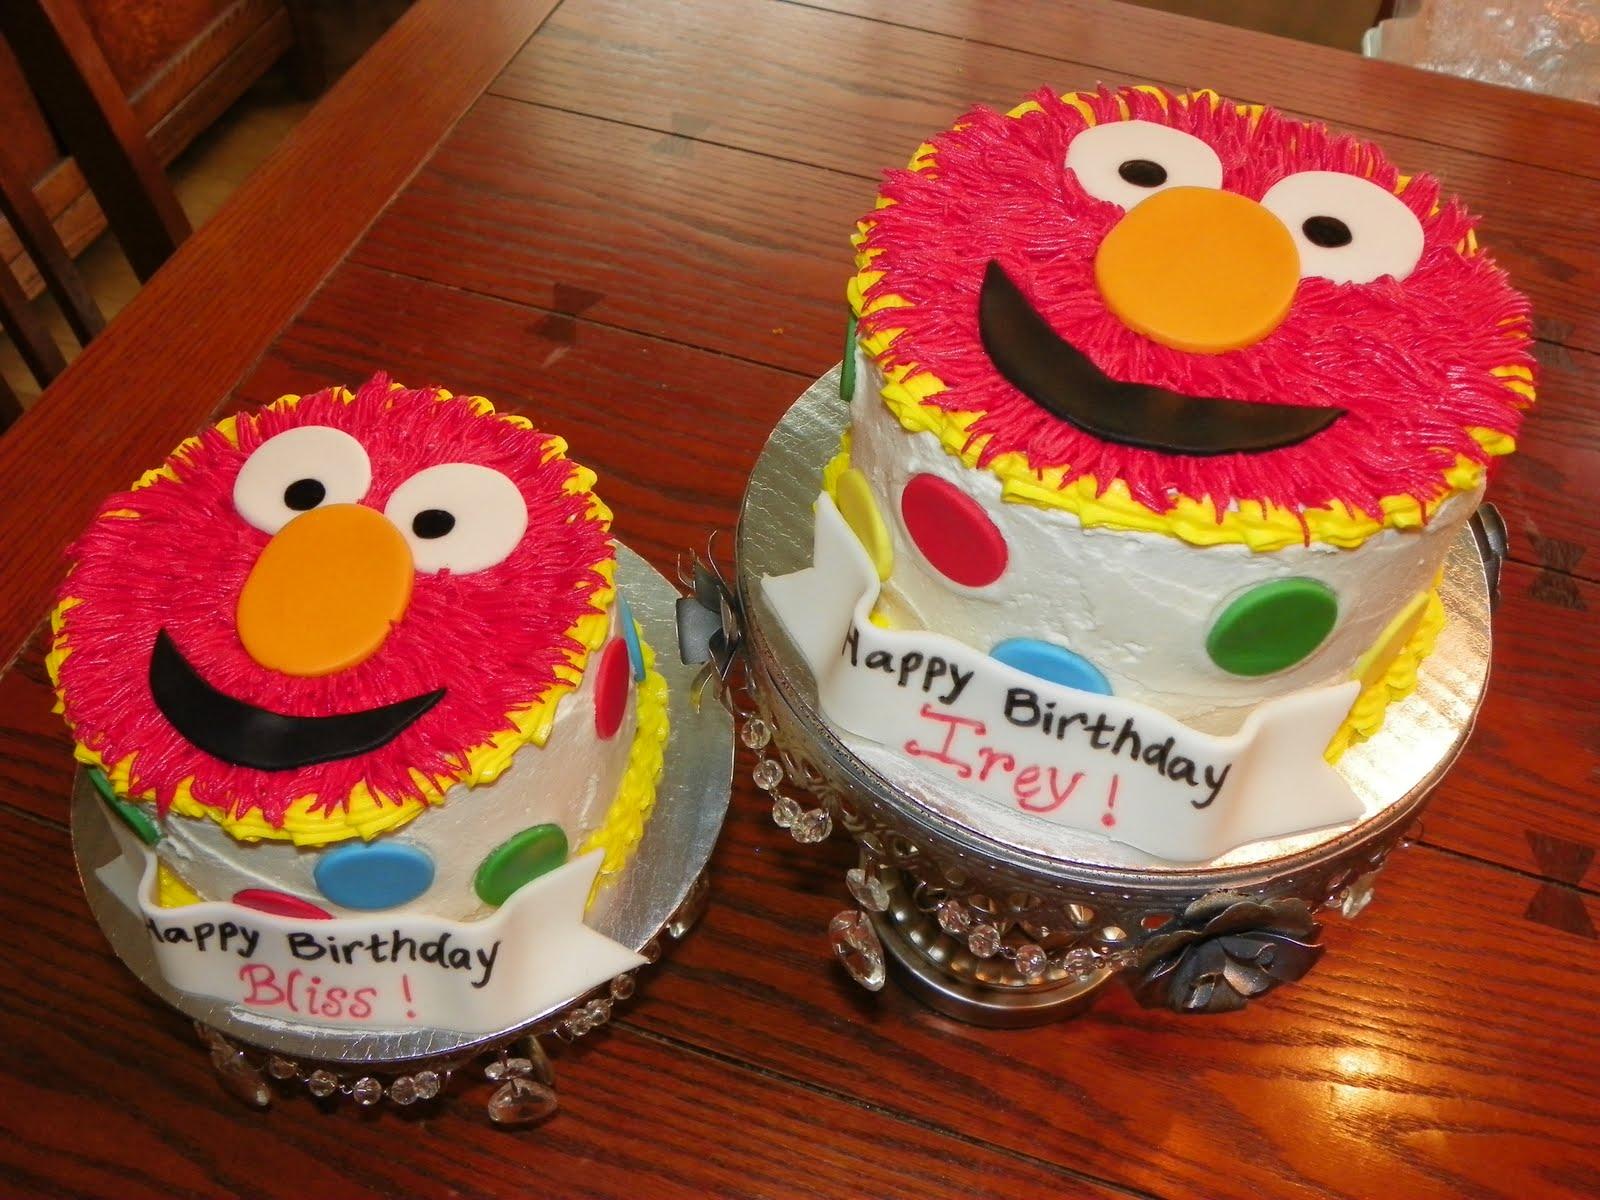 February Birthday Cakes Plumeria Cake Studio Twin Elmo Birthday Cakes